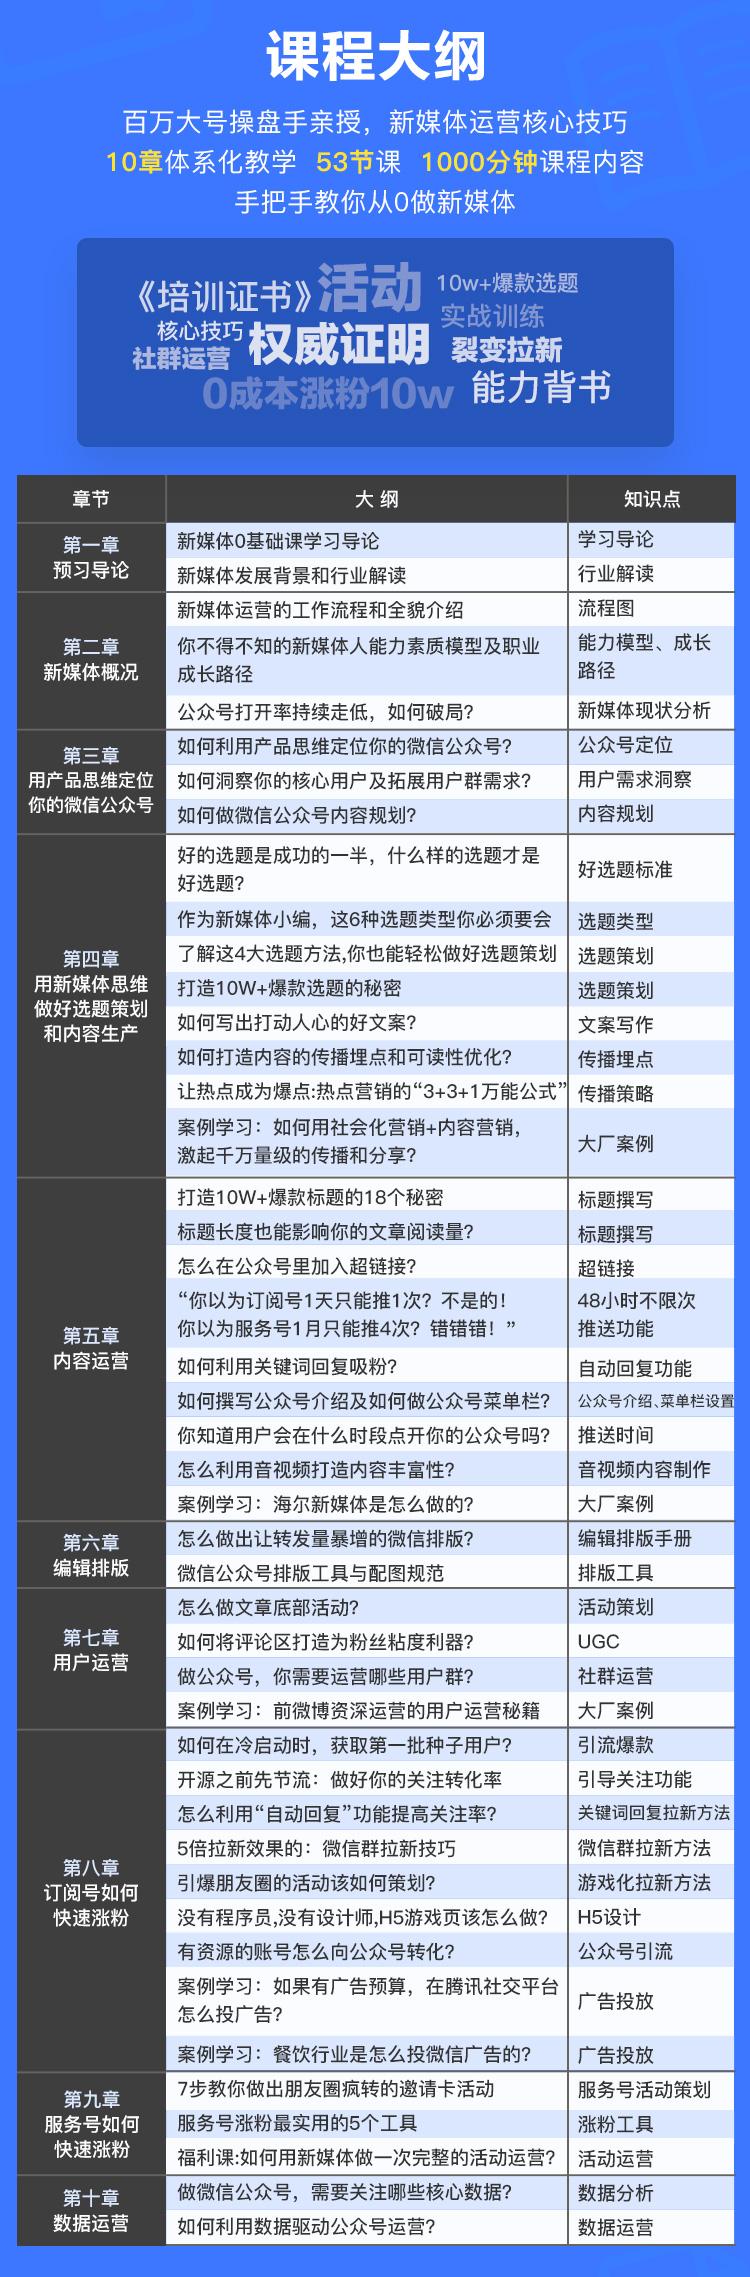 http://mtedu-img.oss-cn-beijing-internal.aliyuncs.com/ueditor/20200108171327_361736.jpg